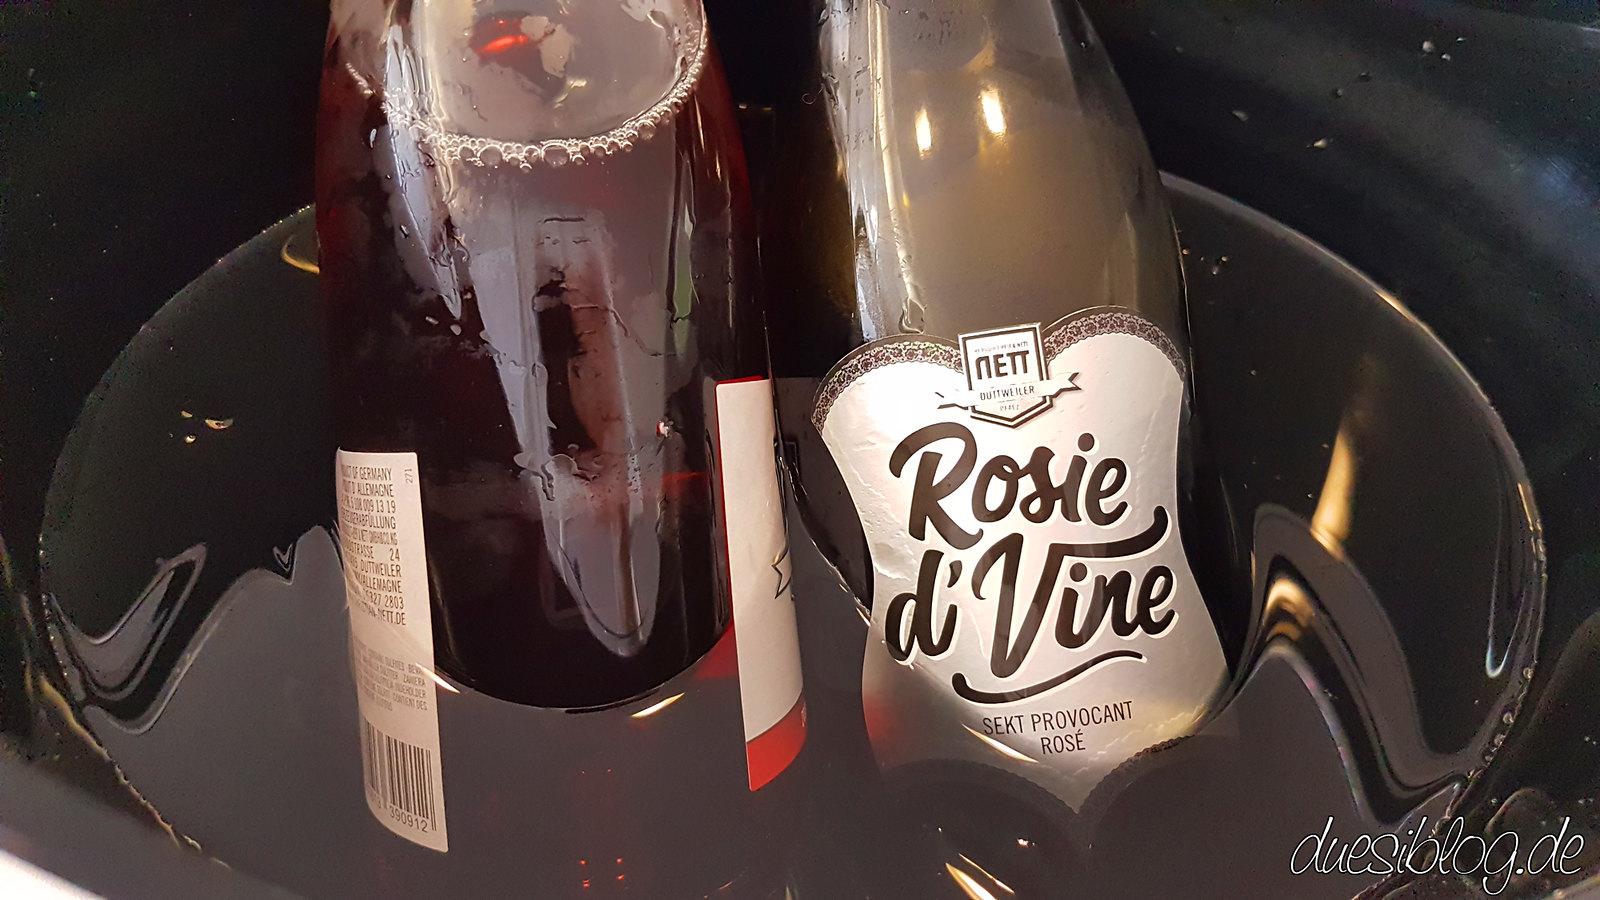 Rosa Leuchten im Glas 2019 wineblog duesiblog 05